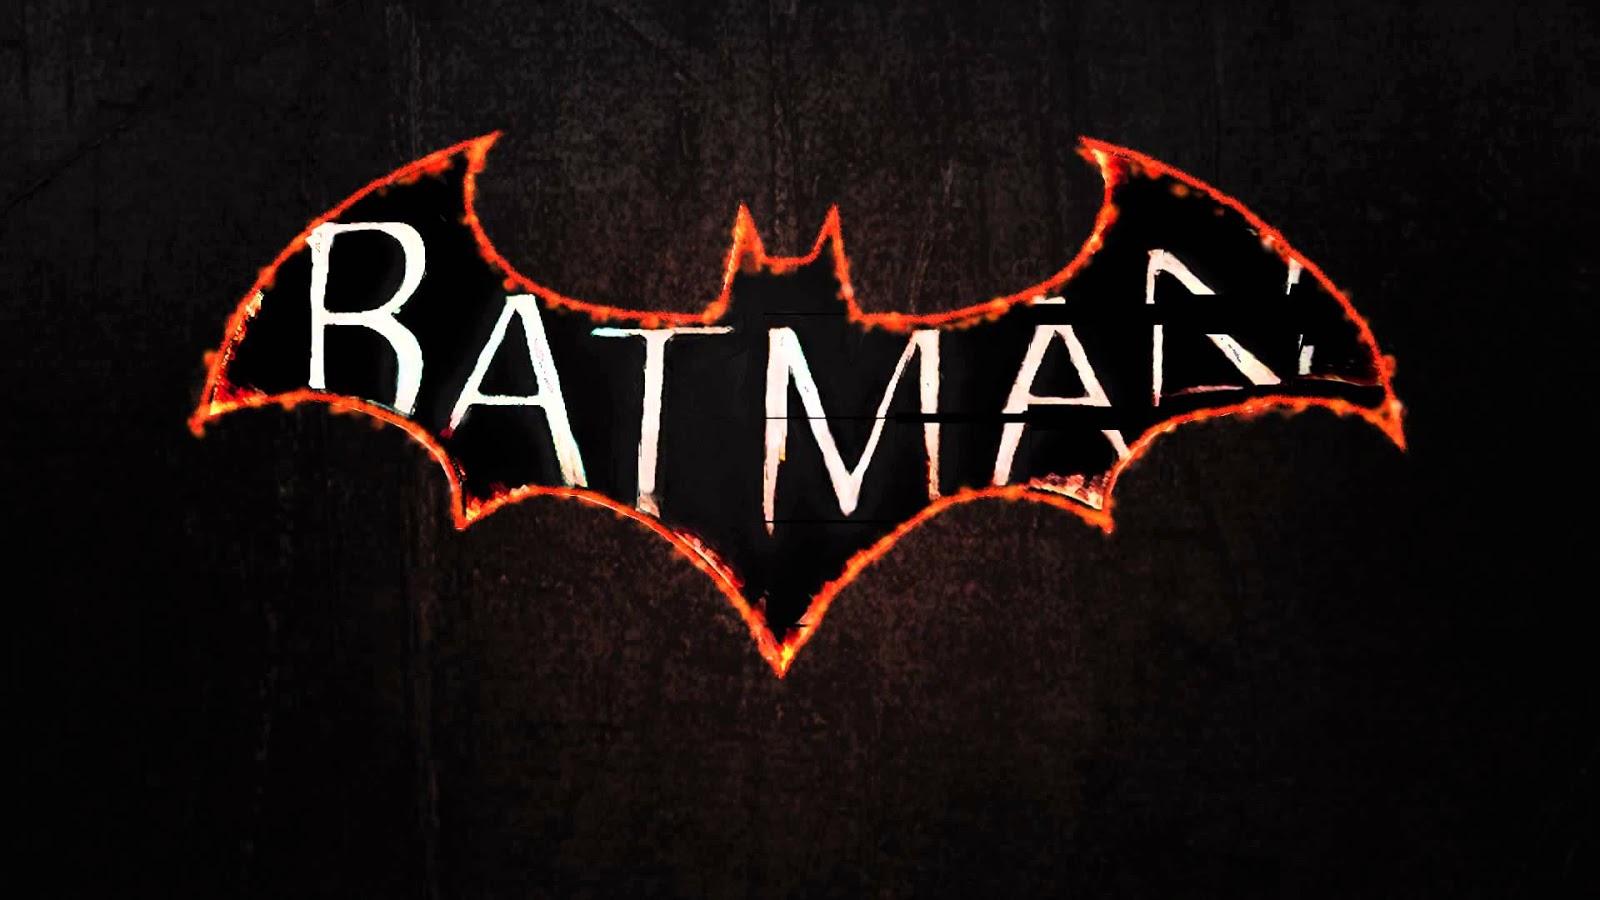 Programa 9x04 (16-10-15) 'Especial Batman: Saga Arkham, desde @Elchejuega'   Maxresdefault%2B%25281%2529